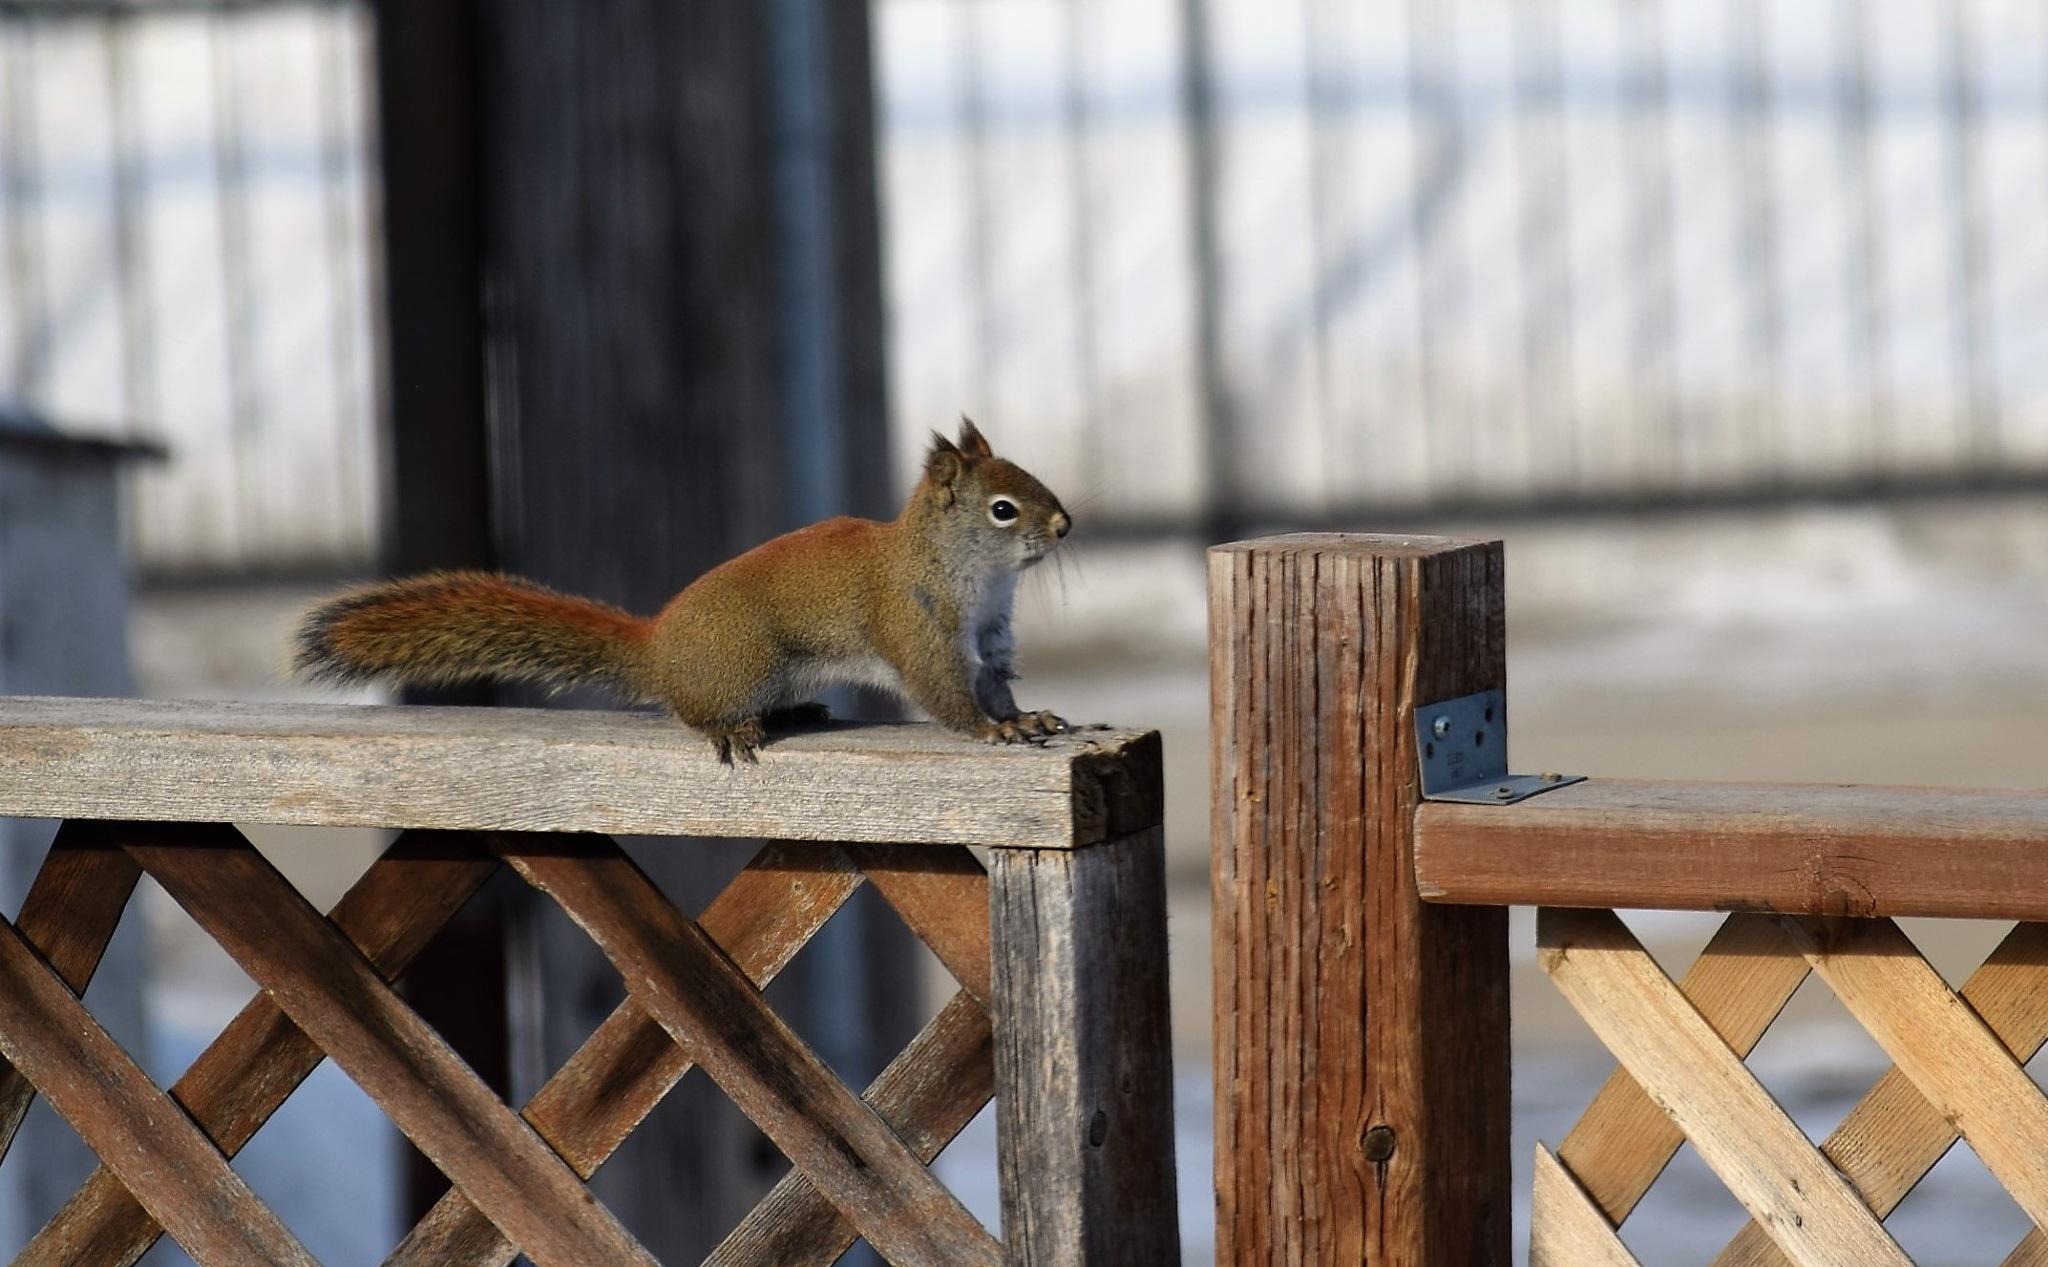 Squirrel 1 by Tracey Tg Gergulich